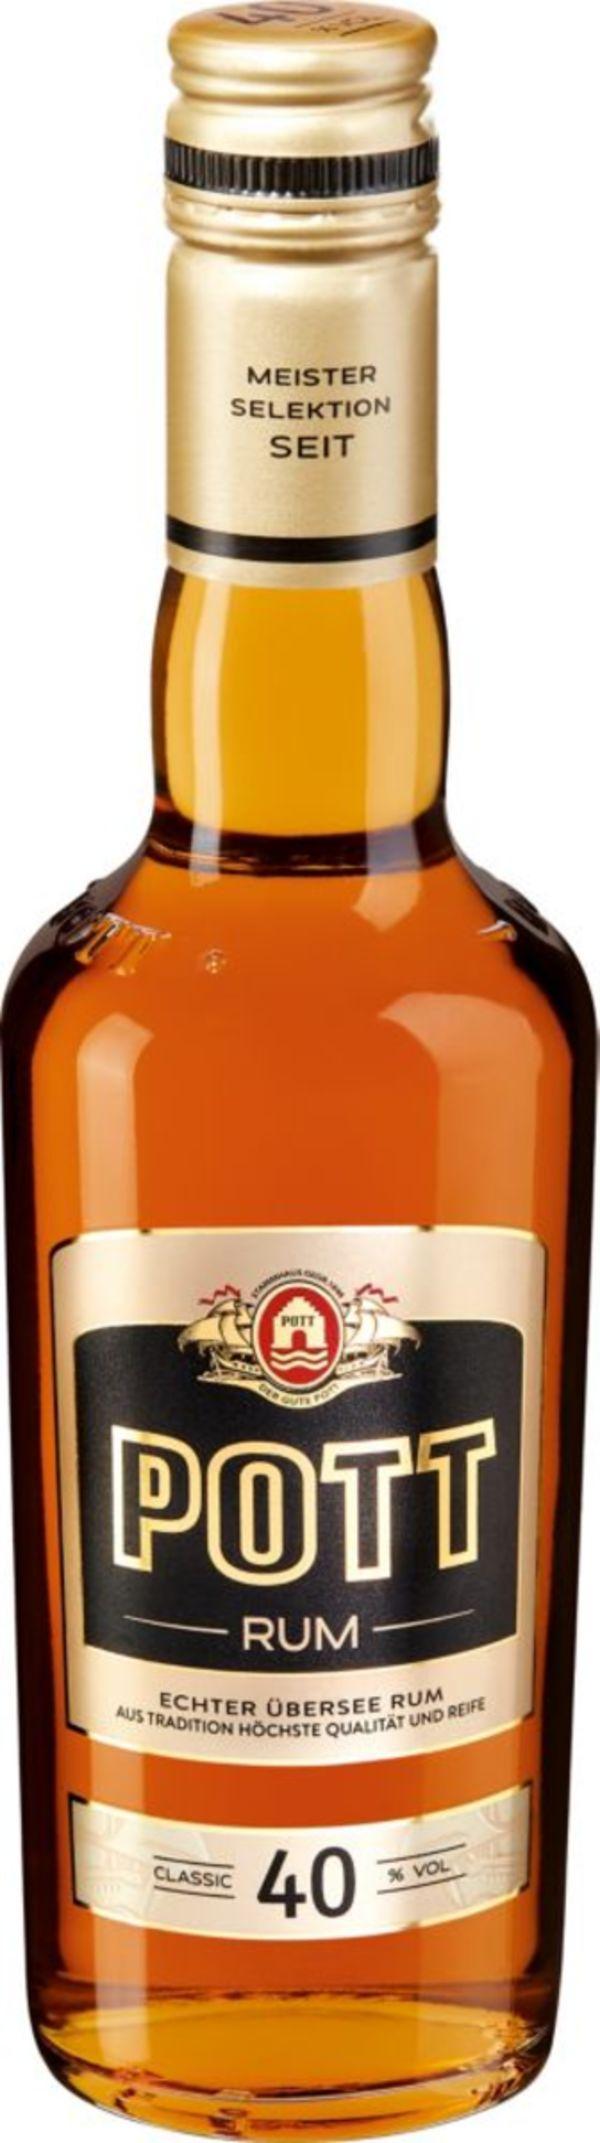 Pott Rum 40%